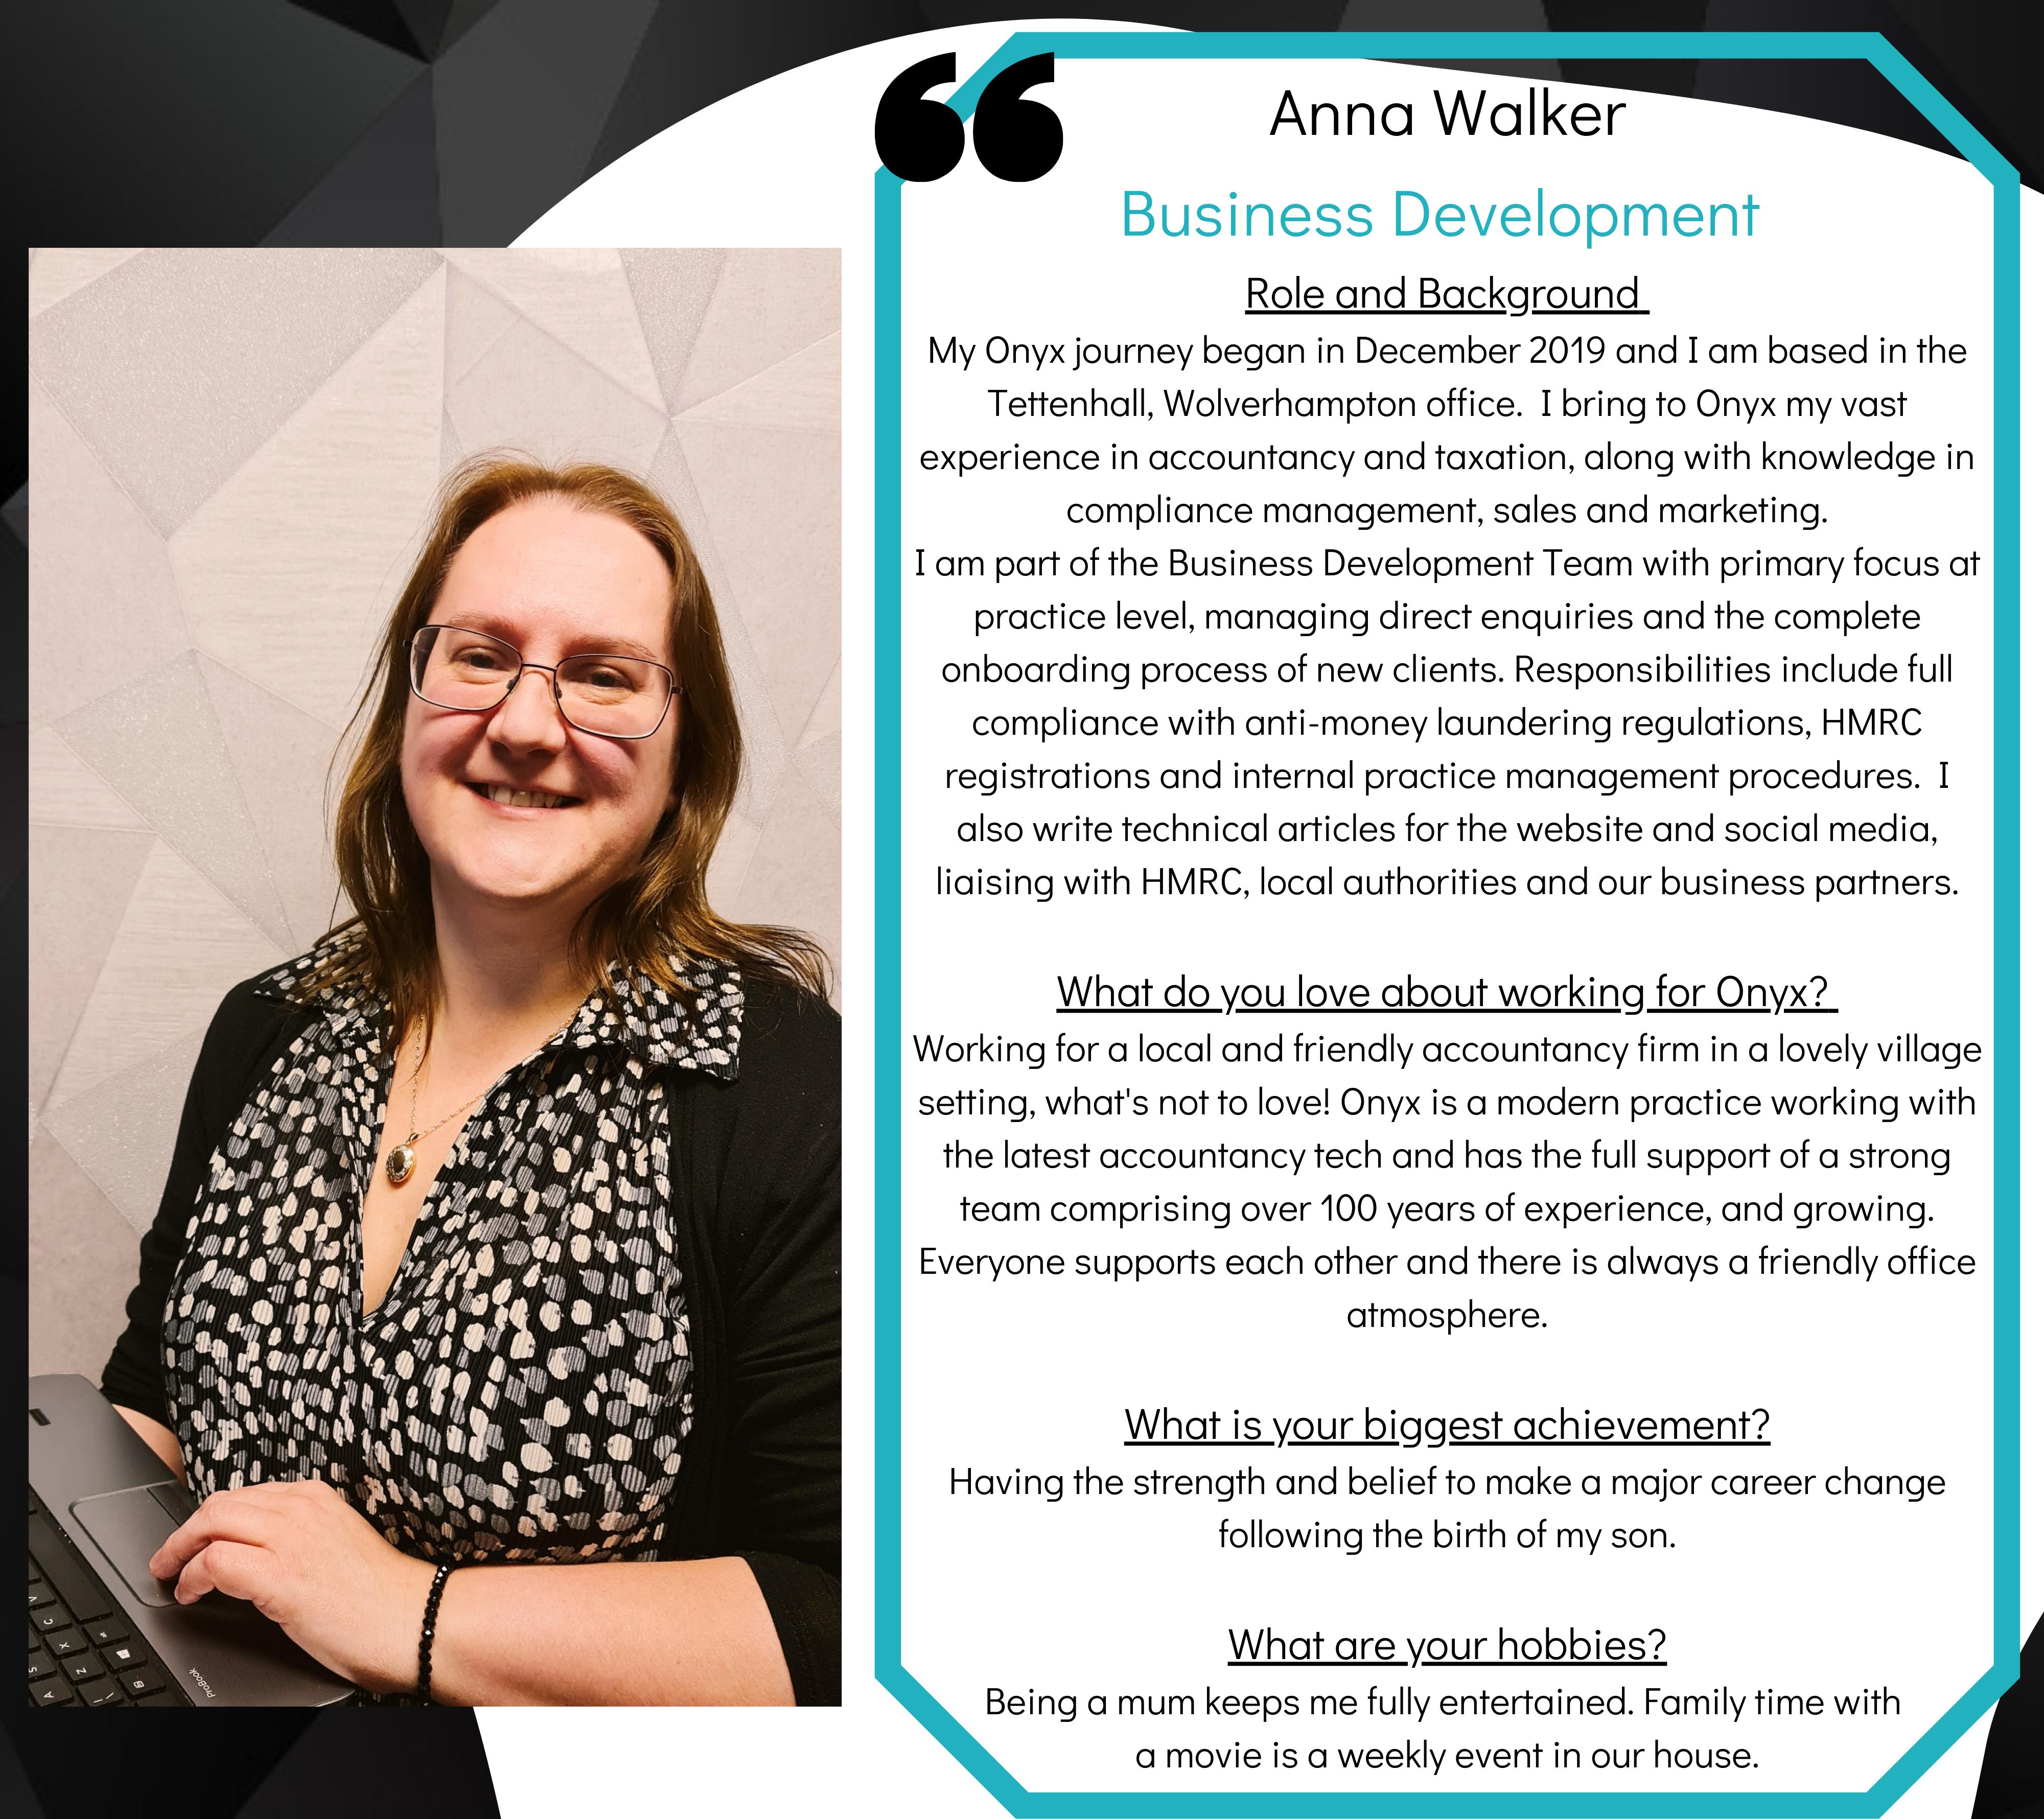 Anna Walker